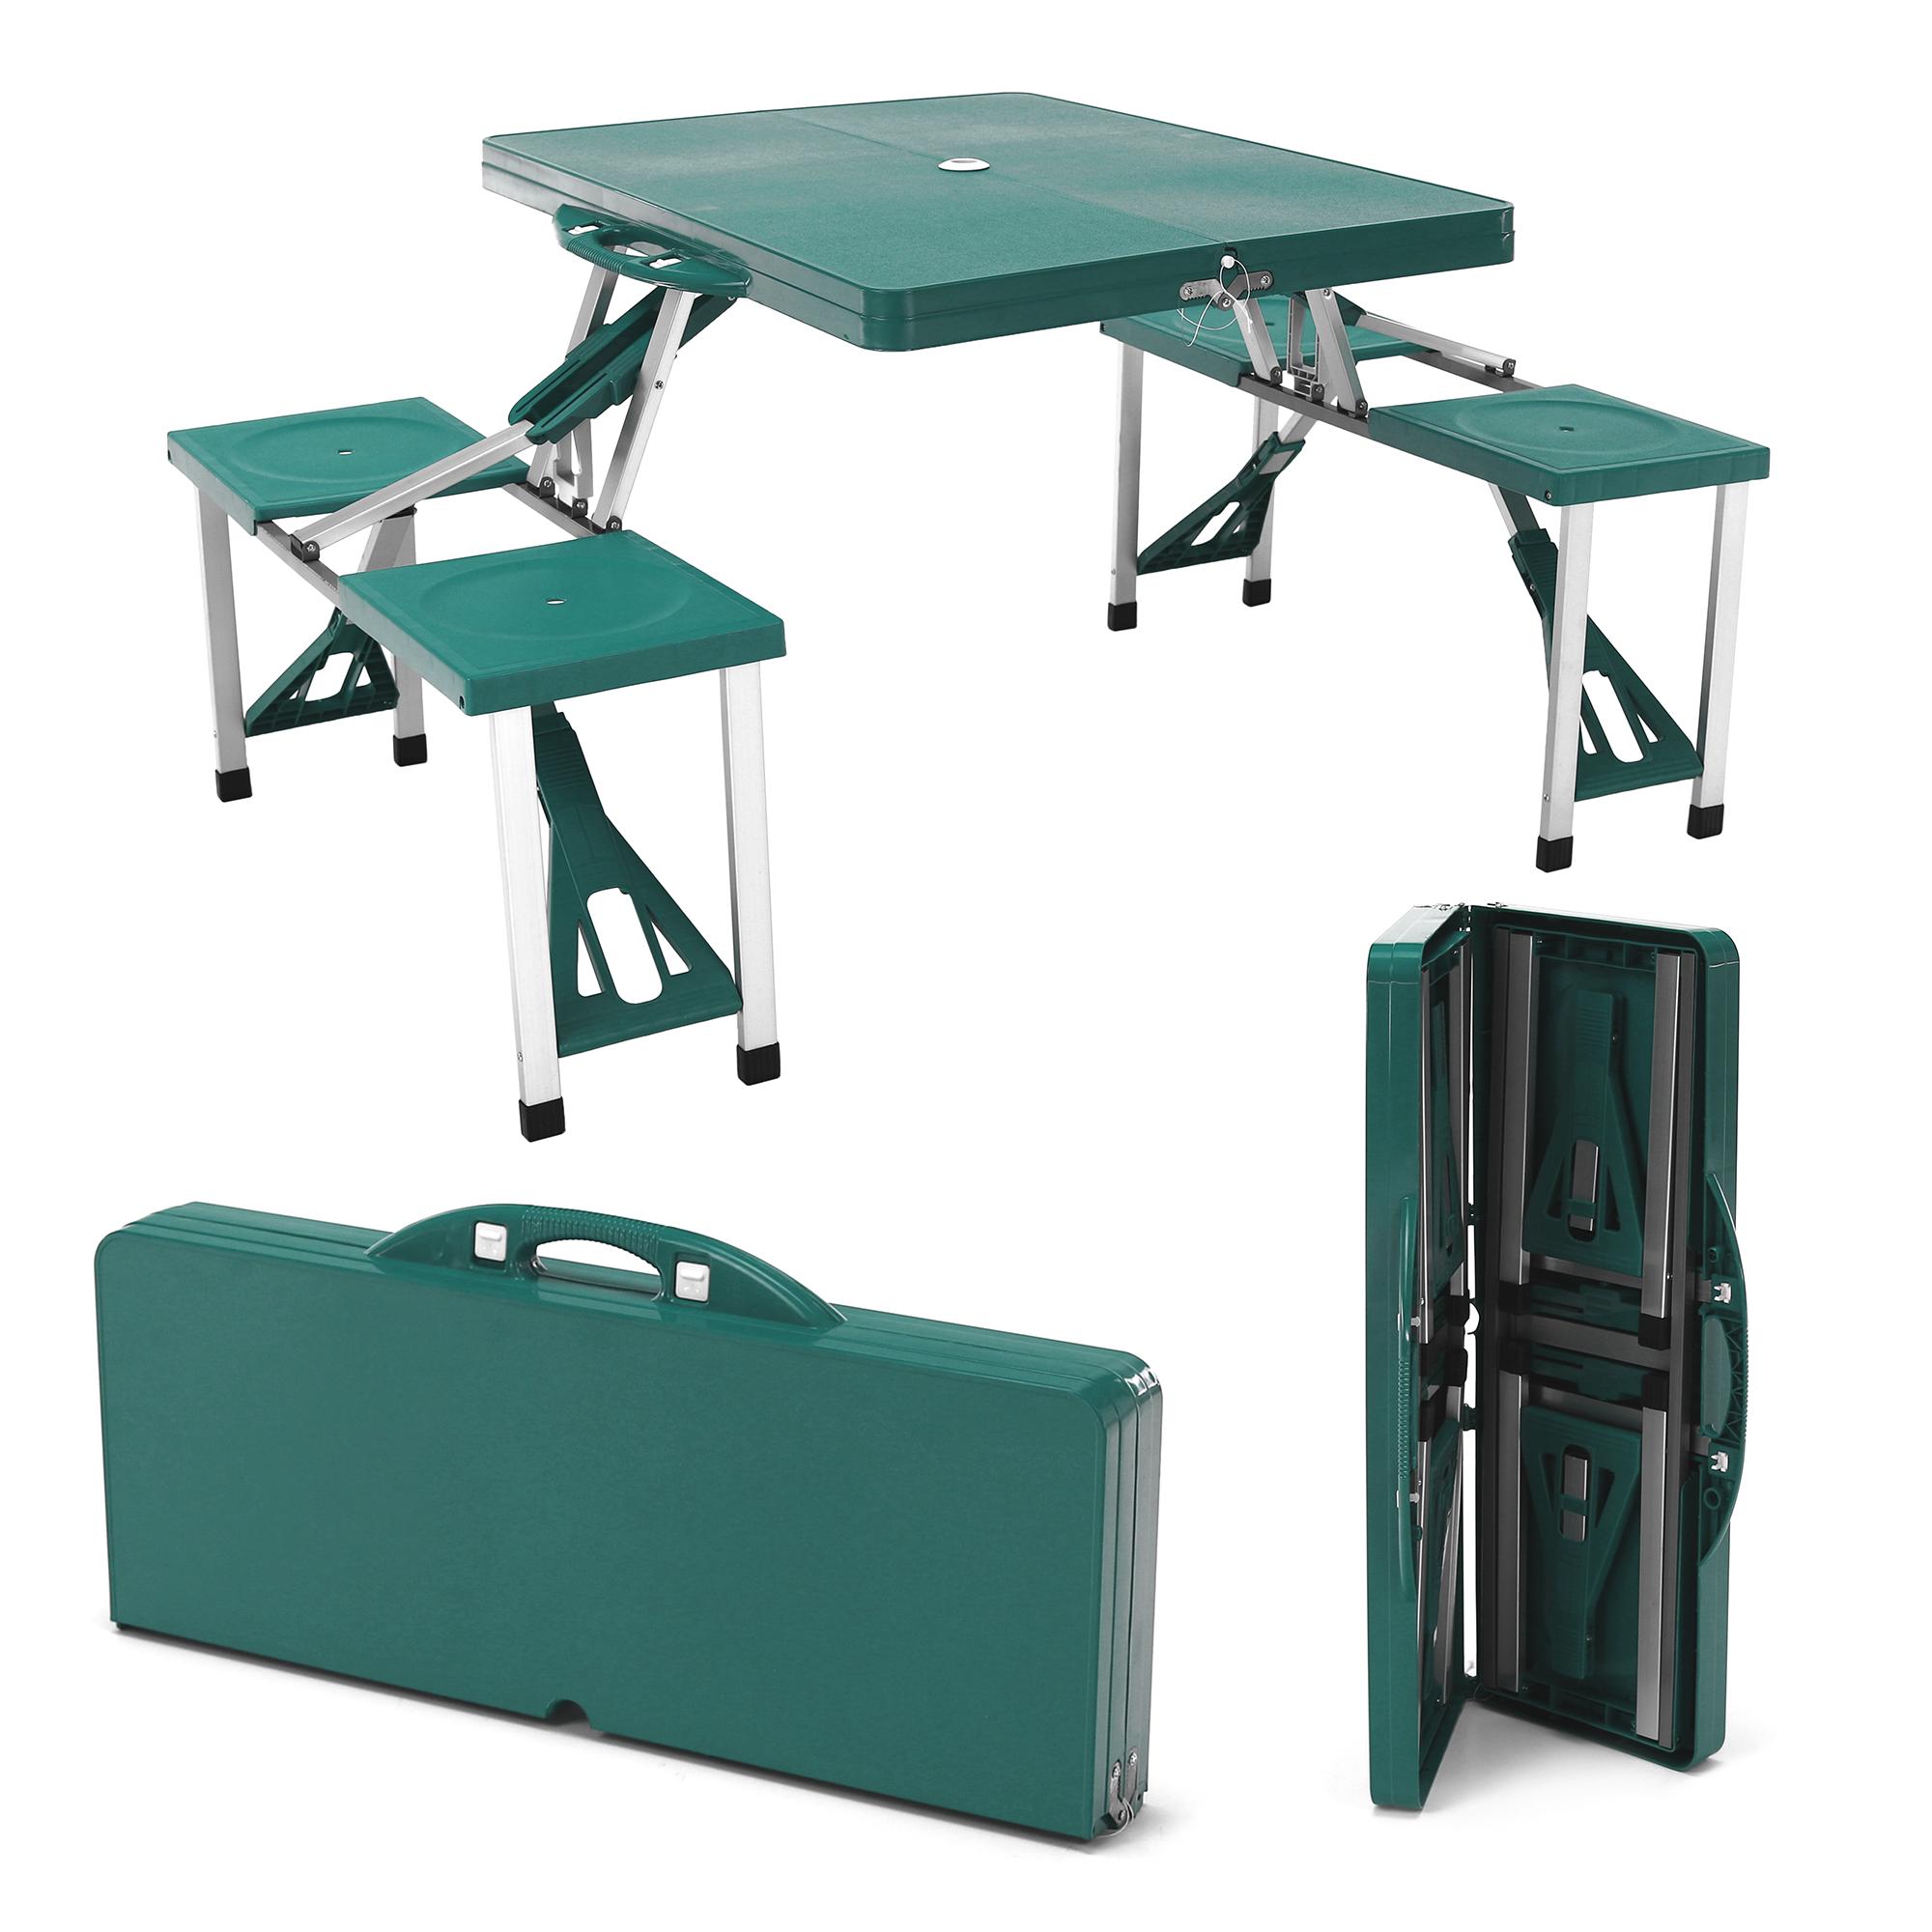 Hordozható összecsukható kemping szett, 4 személyes, zöld, HORT